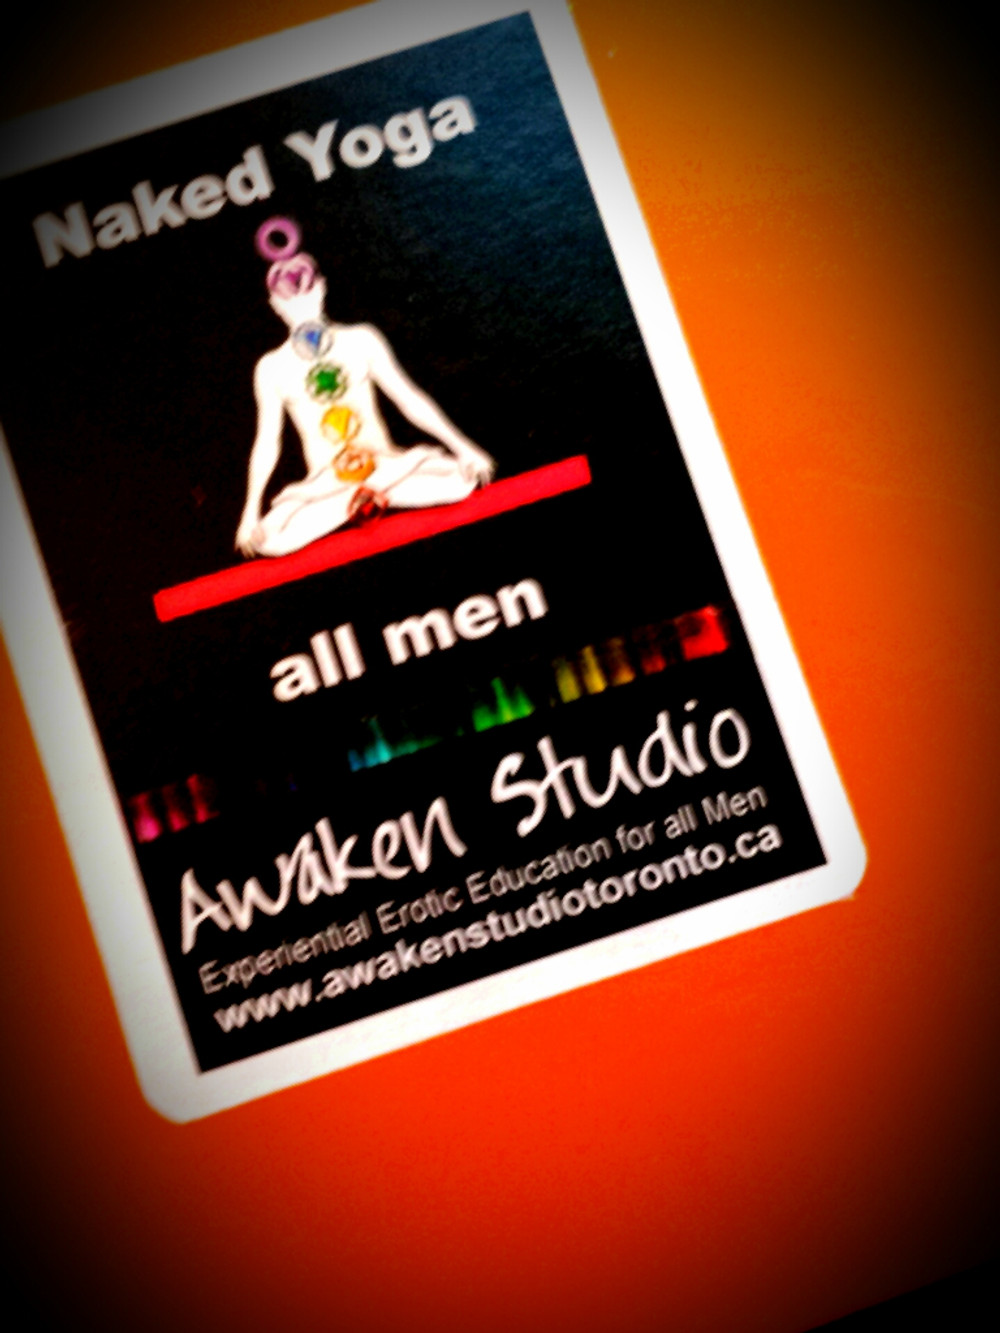 Naked Yoga for all Men Awaken Studio Tuesday January 6 - 8:00 - 9:30 www.awakenstudiotoronto.com